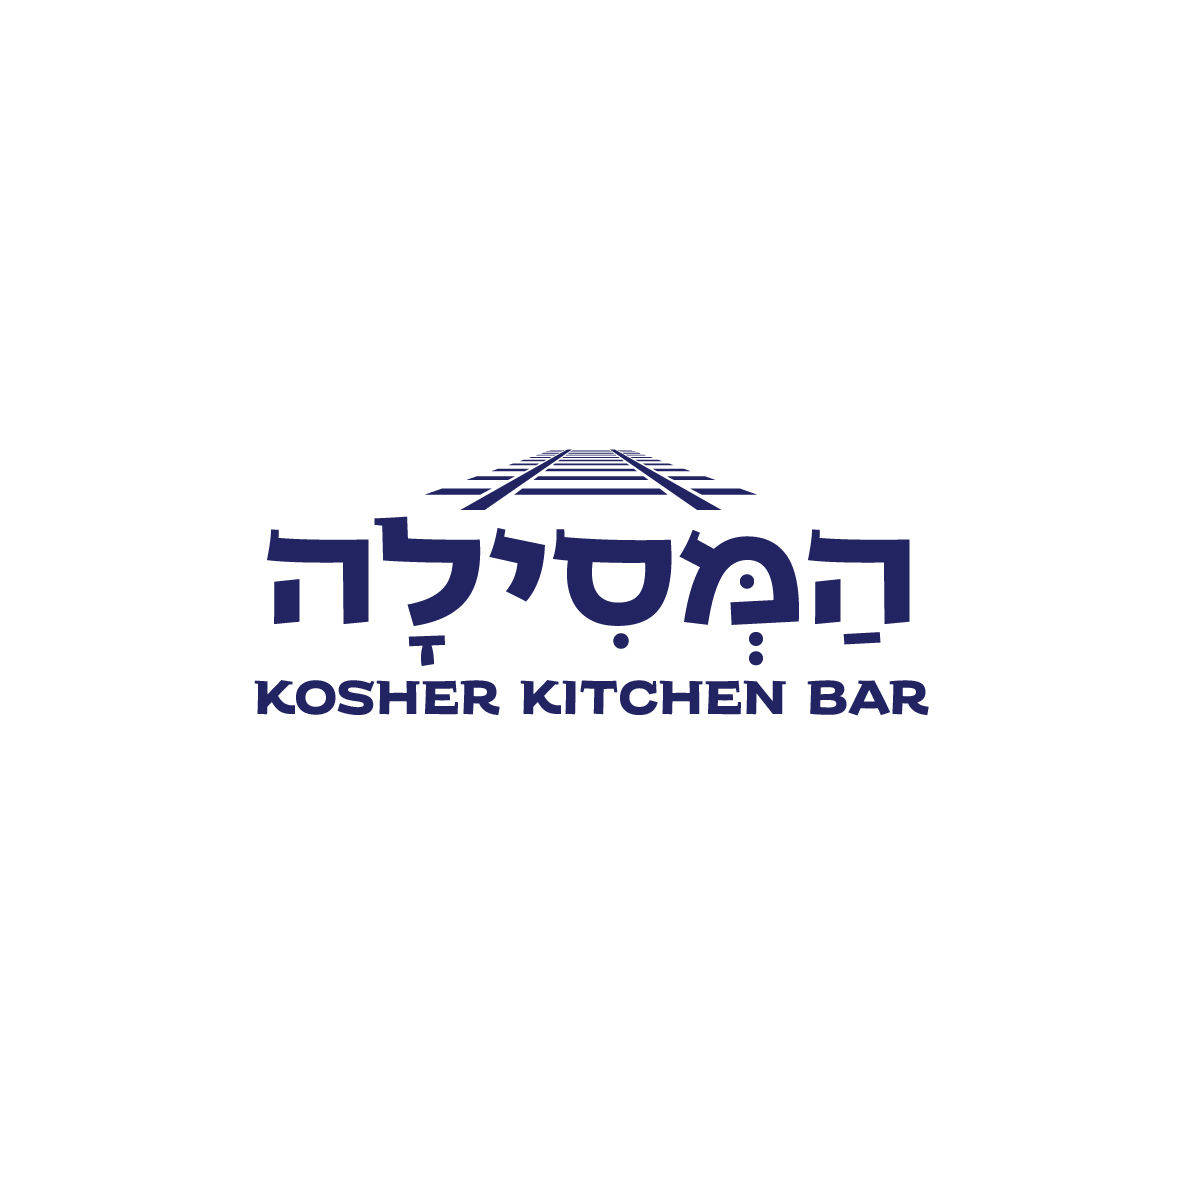 מסעדת המסילה לוגו